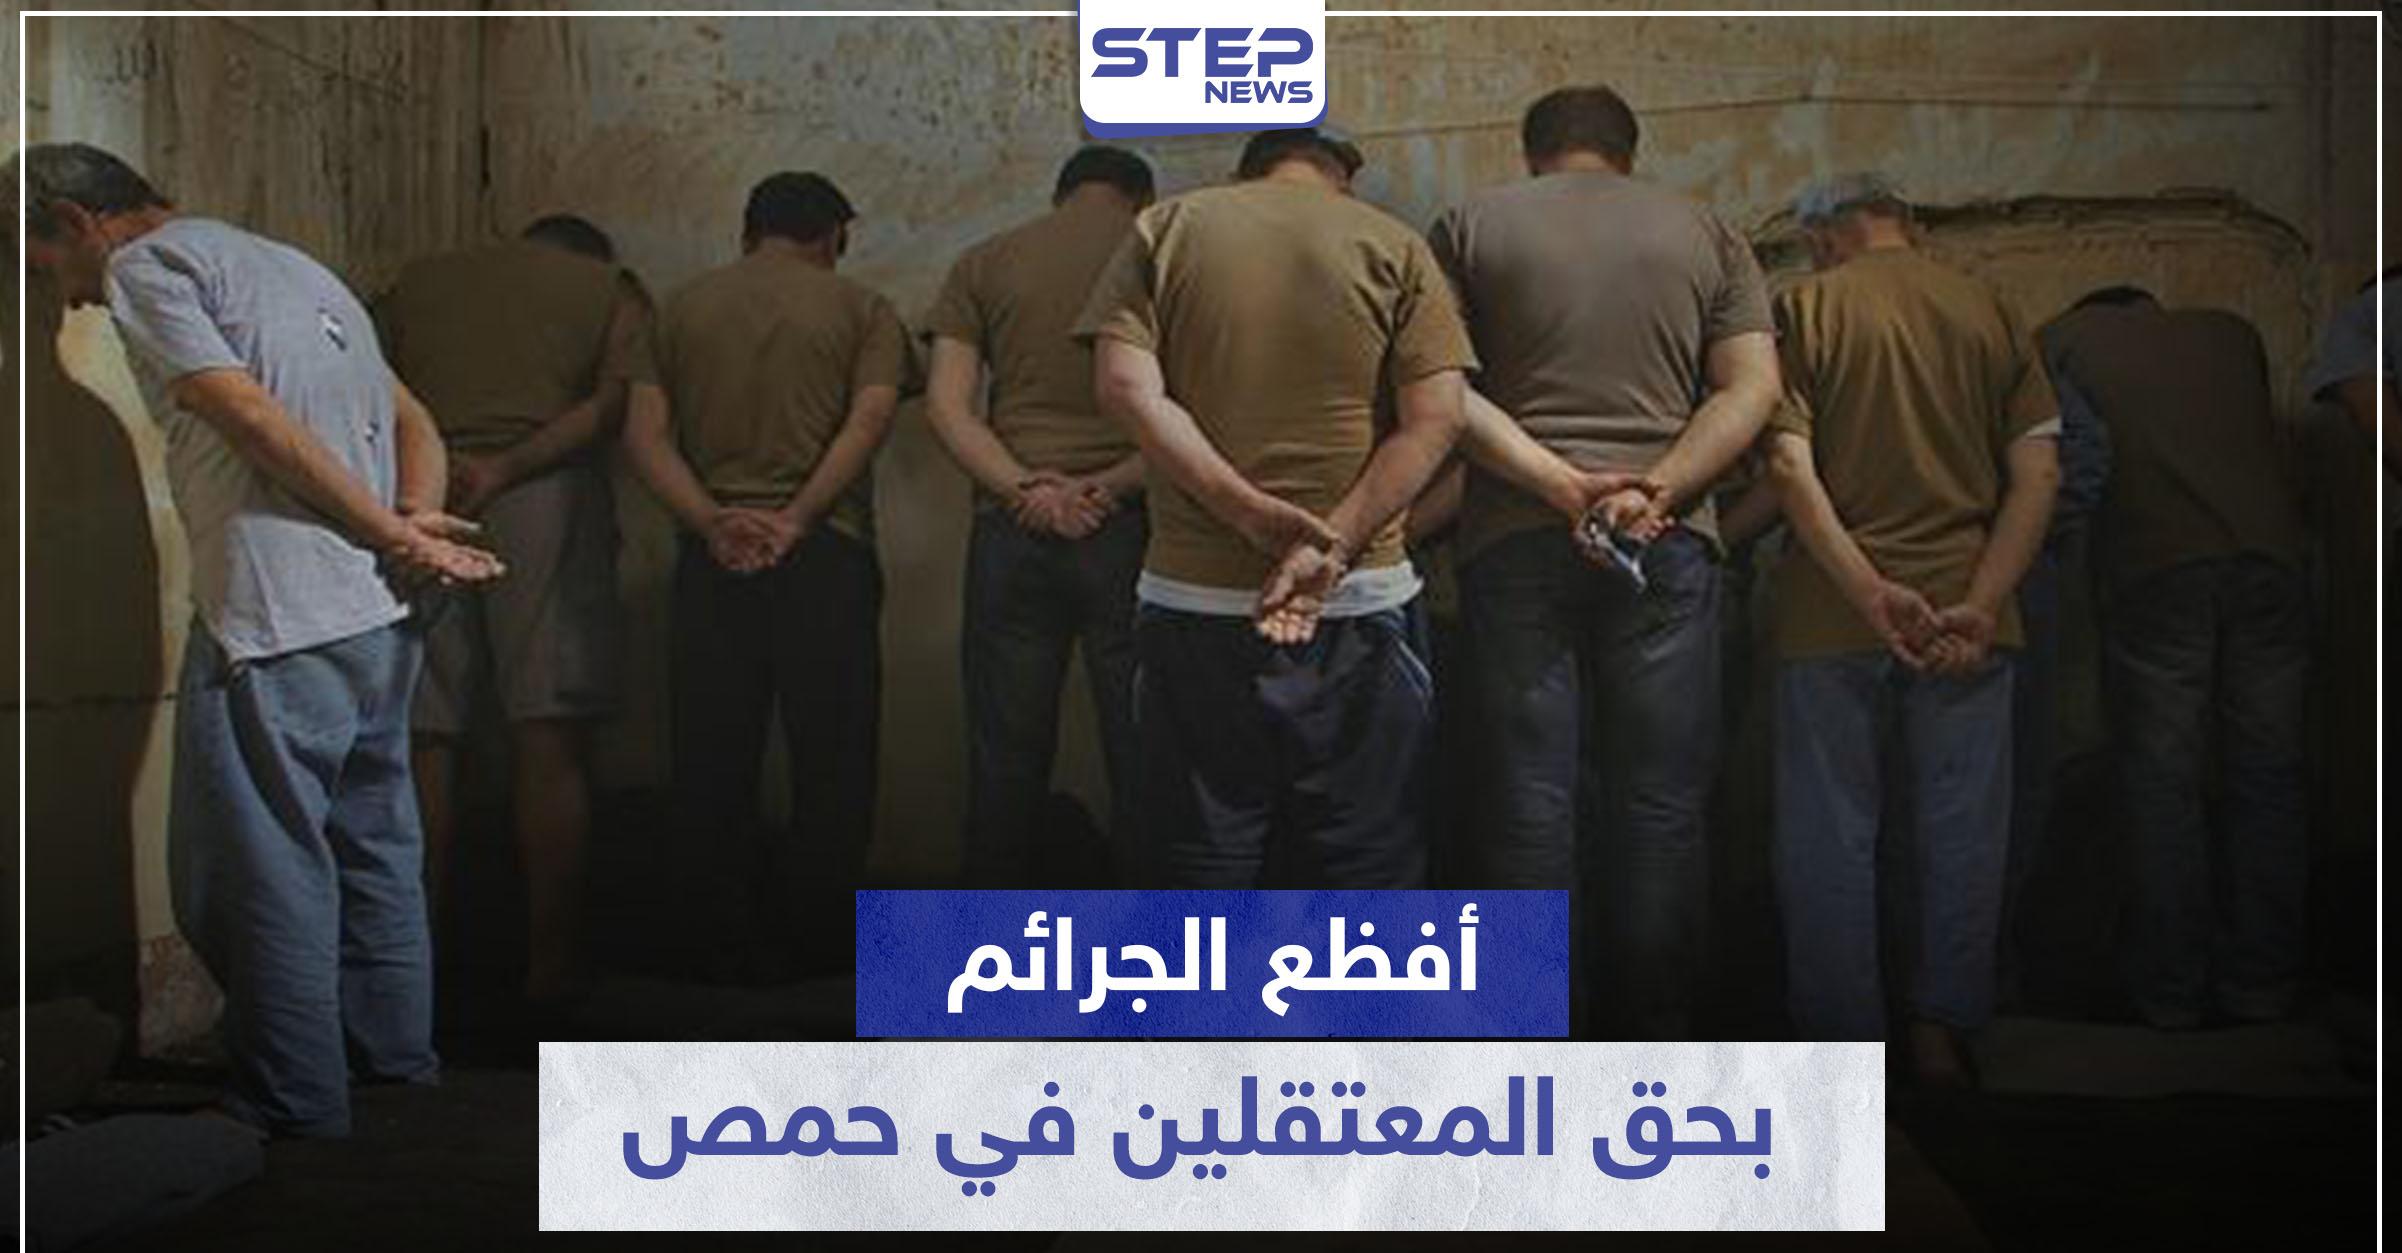 تعذيب المعتقلين داخل مدينة حمص